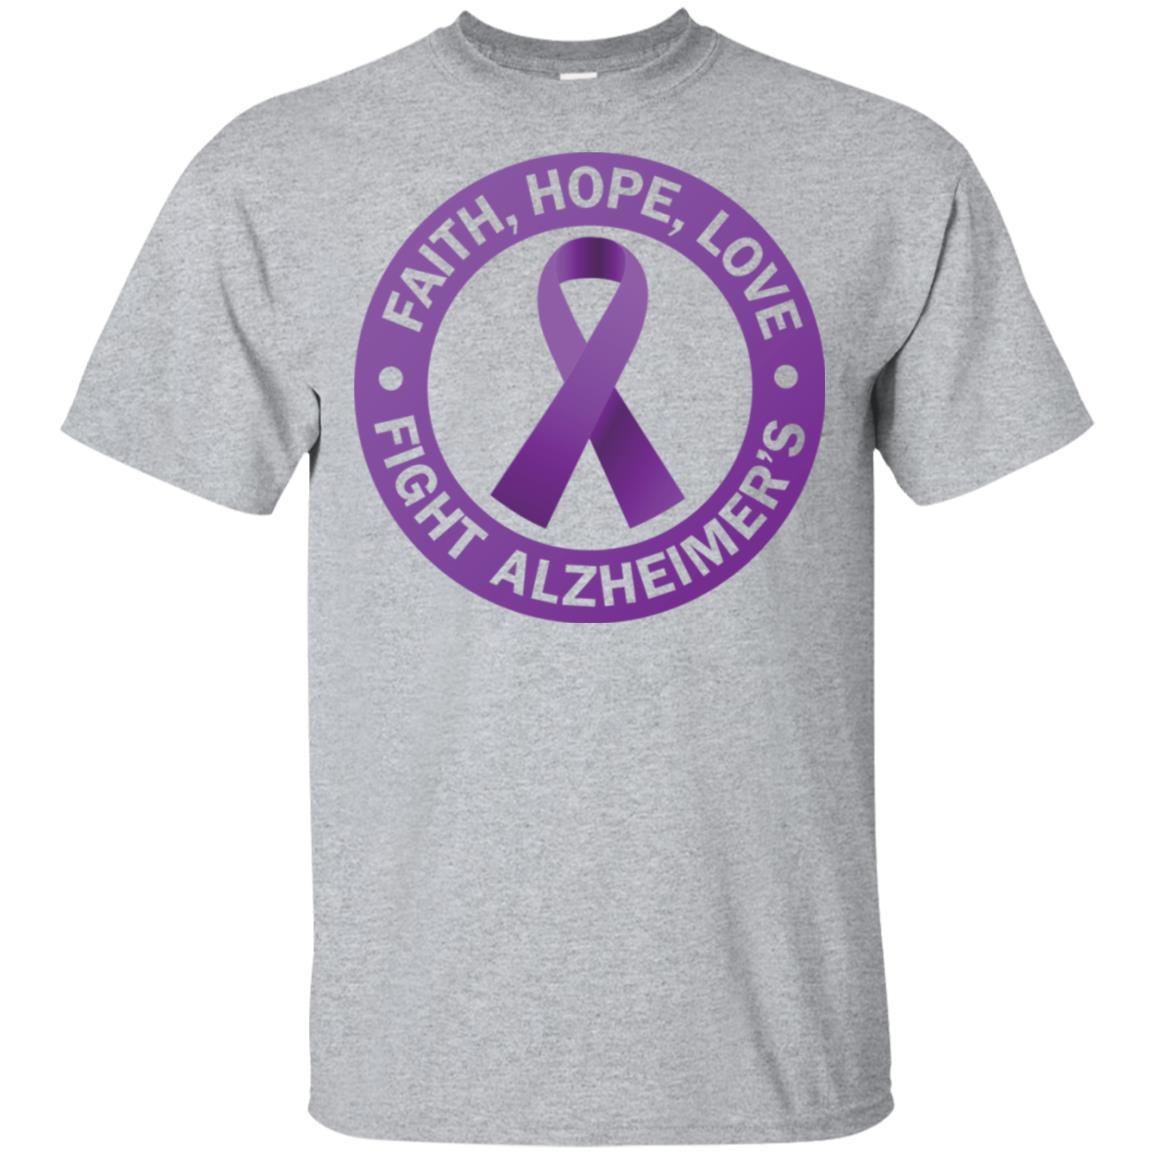 Alzheimer's Awareness. Fight Alzheimer's Ribbon Unisex Short Sleeve